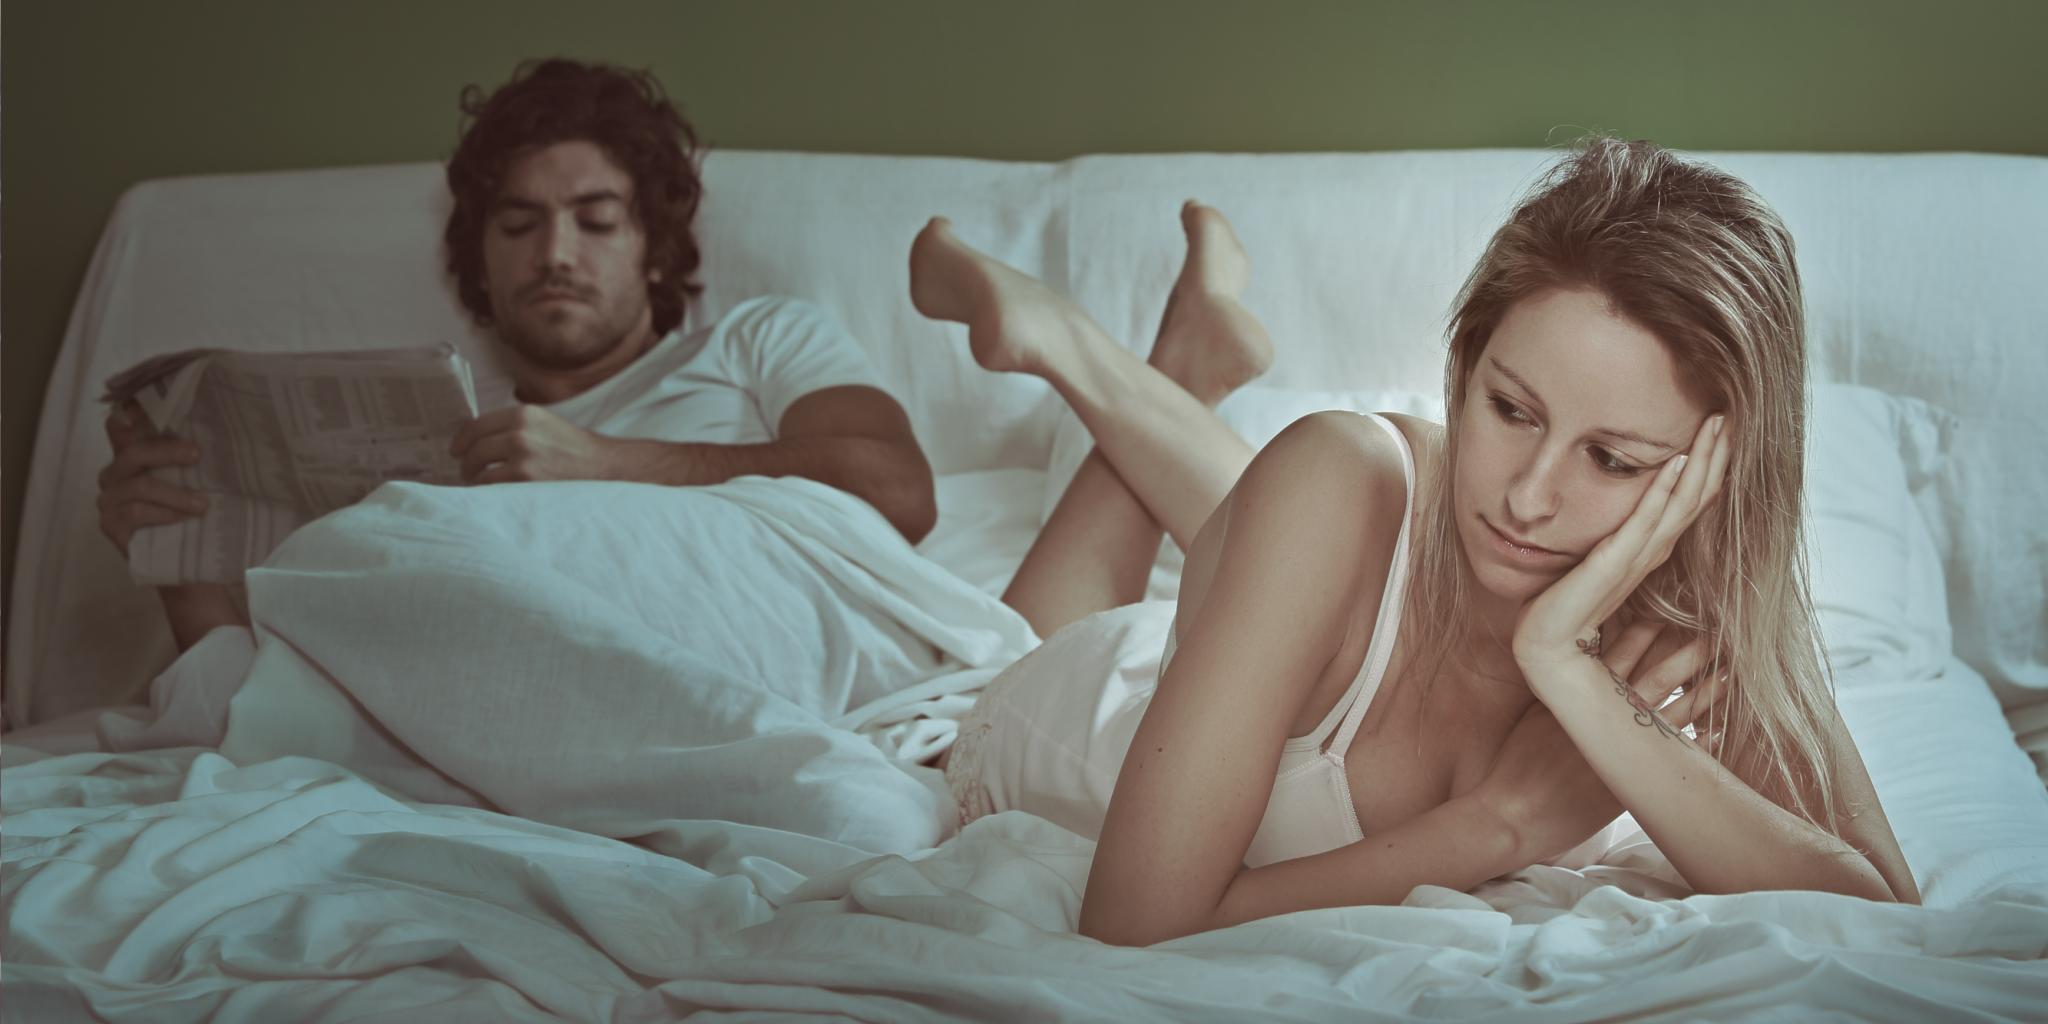 Признаки нехватки секса у женщин 8 фотография